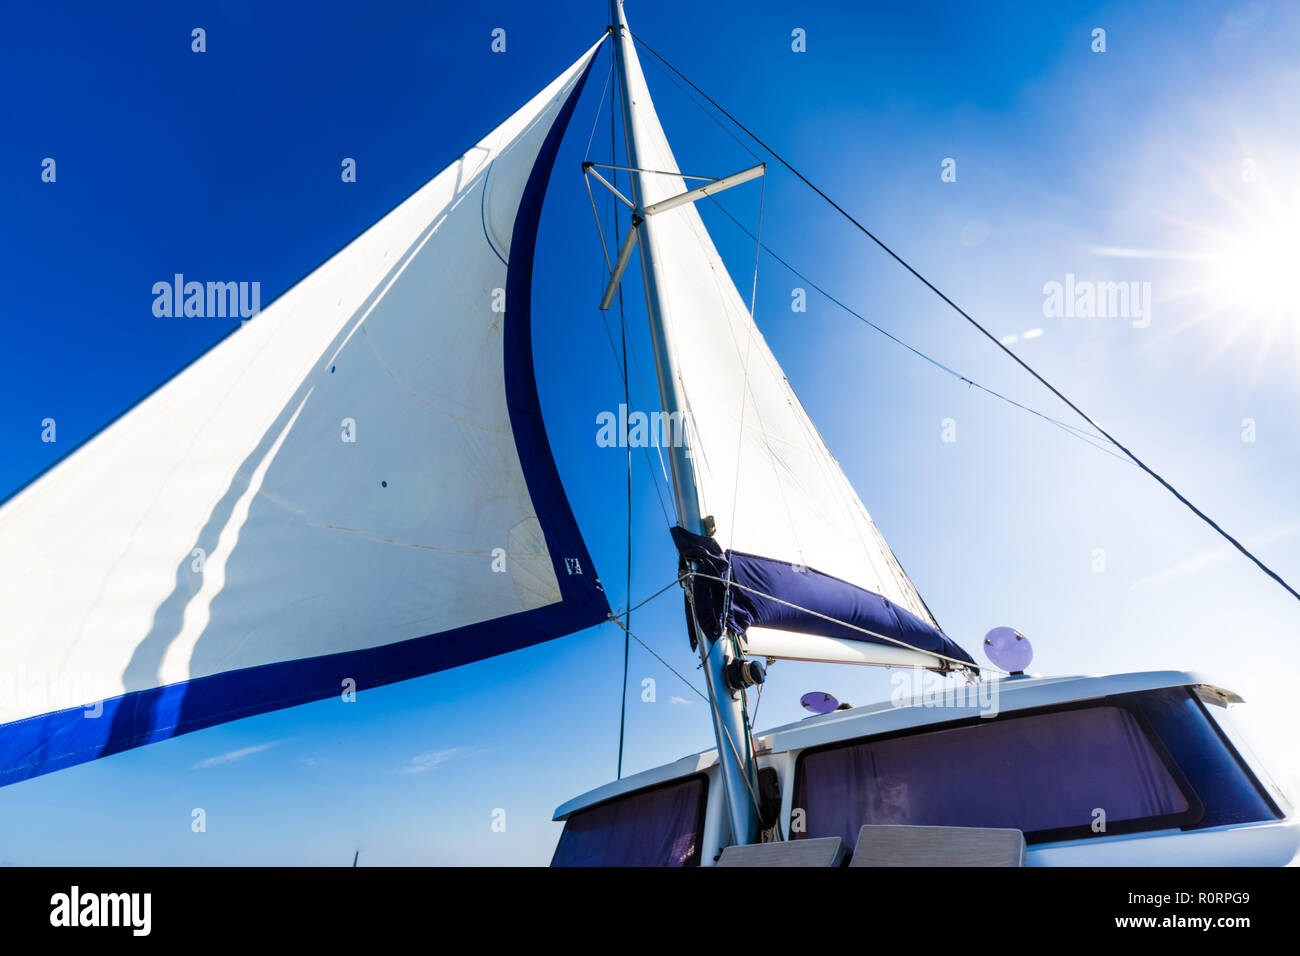 Velas blancas de un yate de vela en el viento. Deporte acuático de recreo Foto de stock